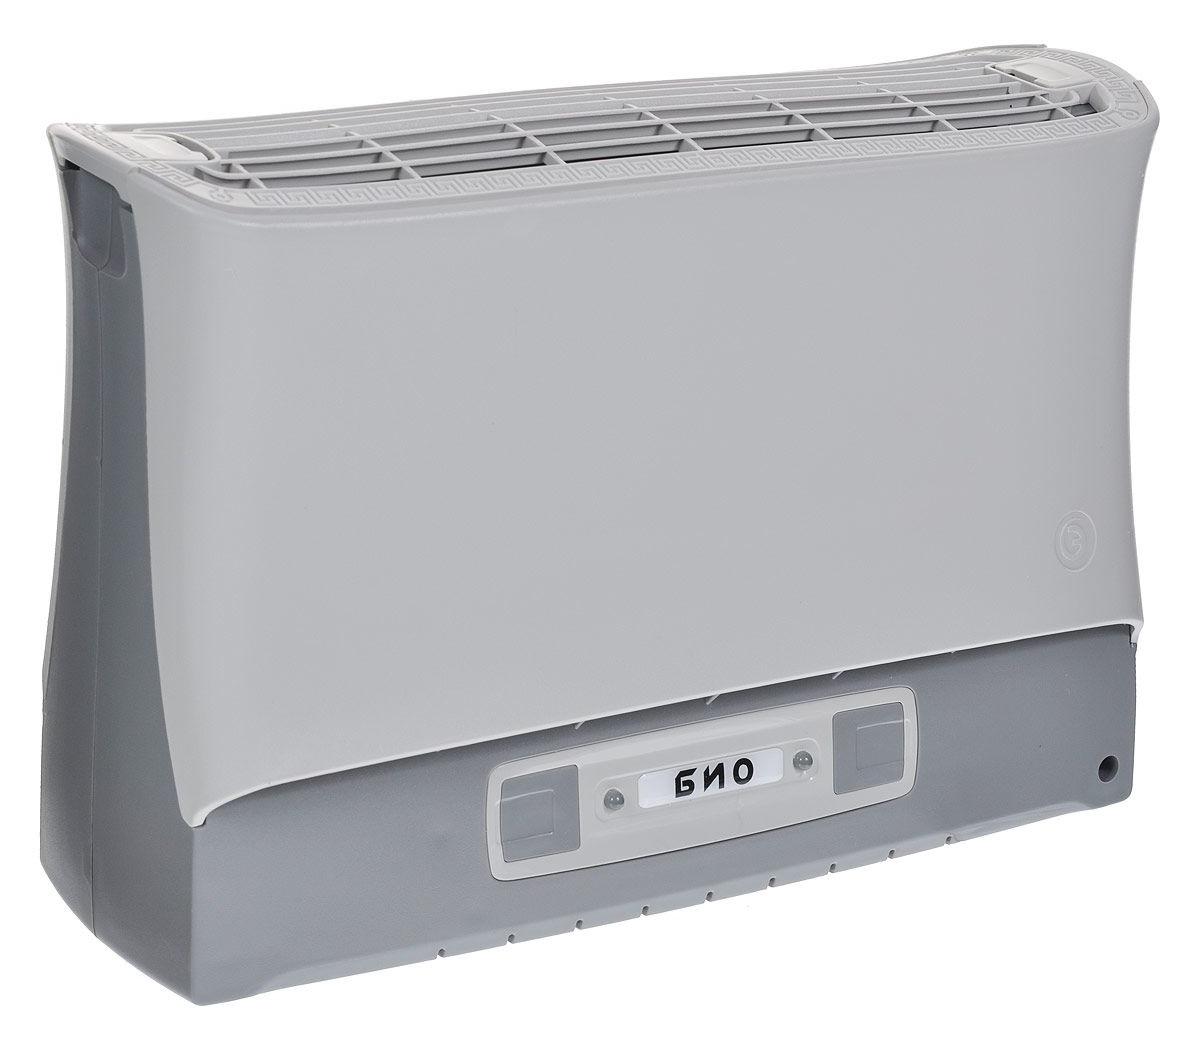 Очиститель-ионизатор воздуха Супер-плюс-Био серый очиститель ионизатор воздуха супер плюс турбо черный